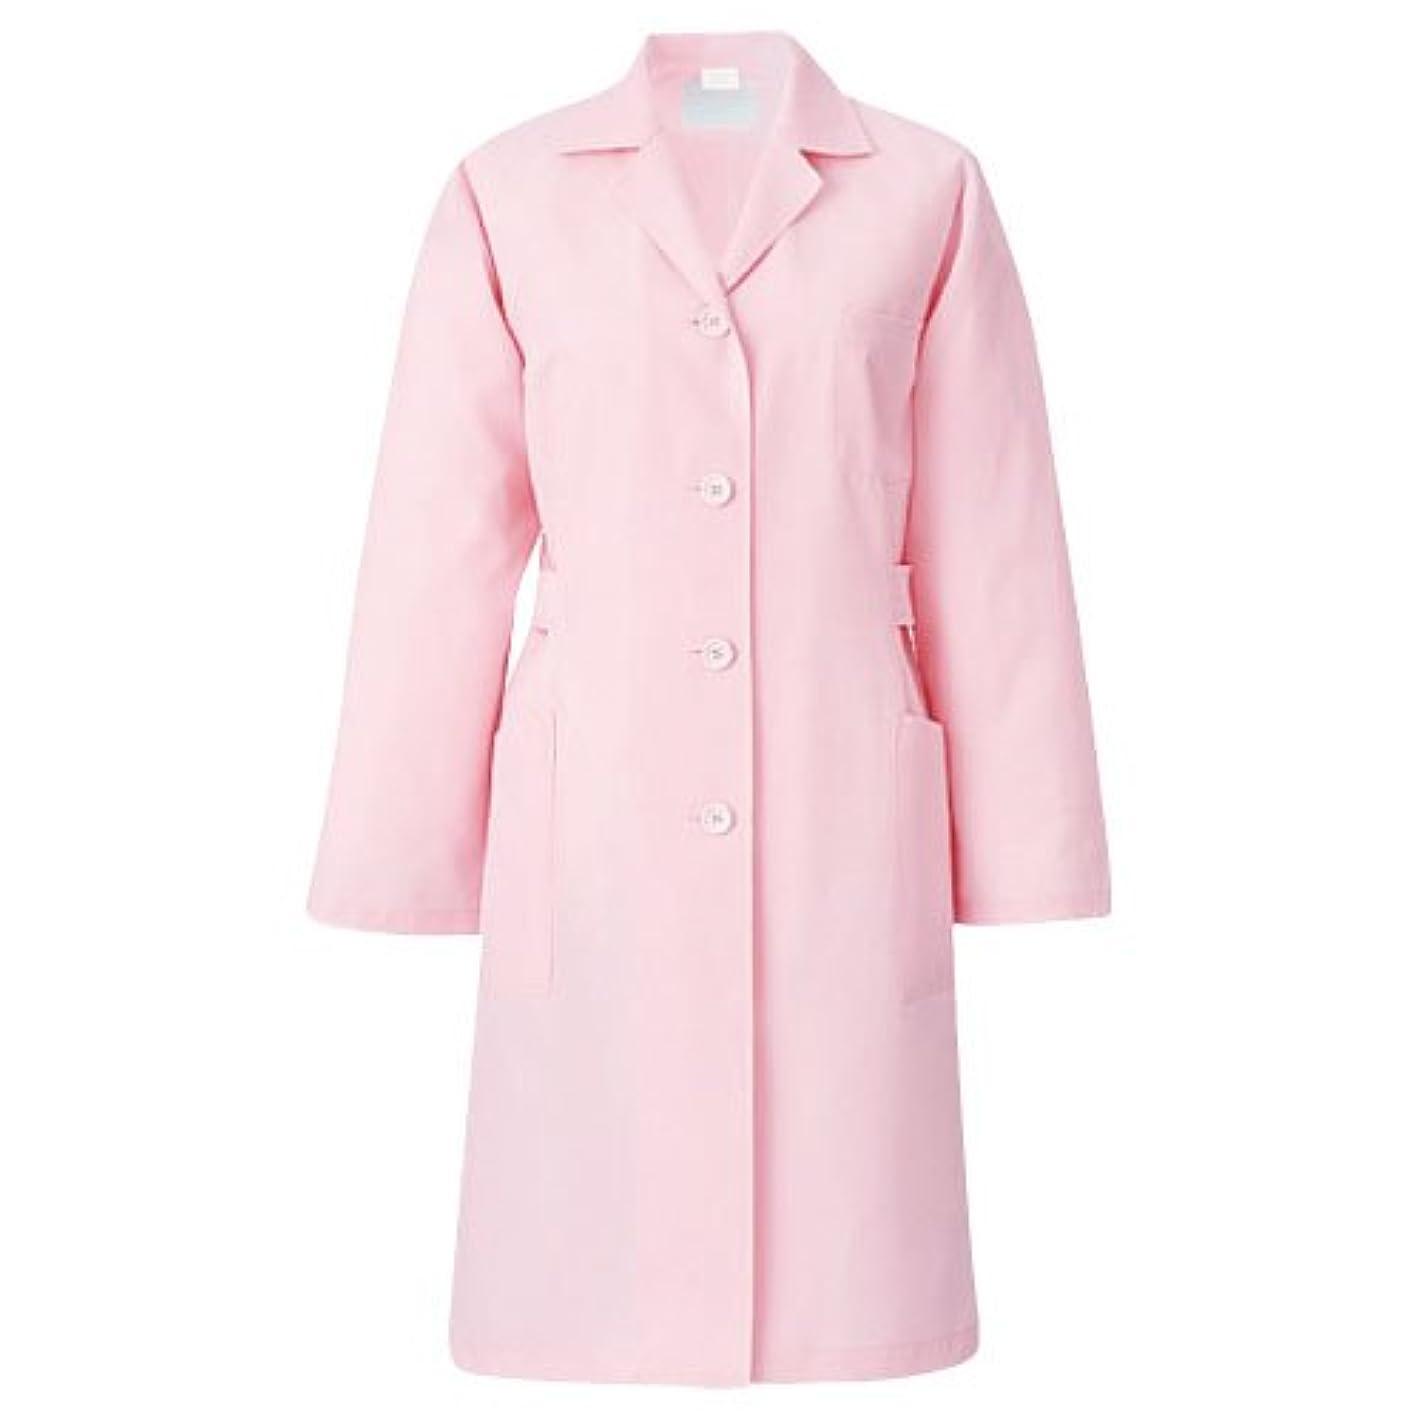 かろうじてレイプスカープ医療/介護ユニフォーム 長袖 レディス診察衣 KAZEN ピンク サイズ:S 261-93